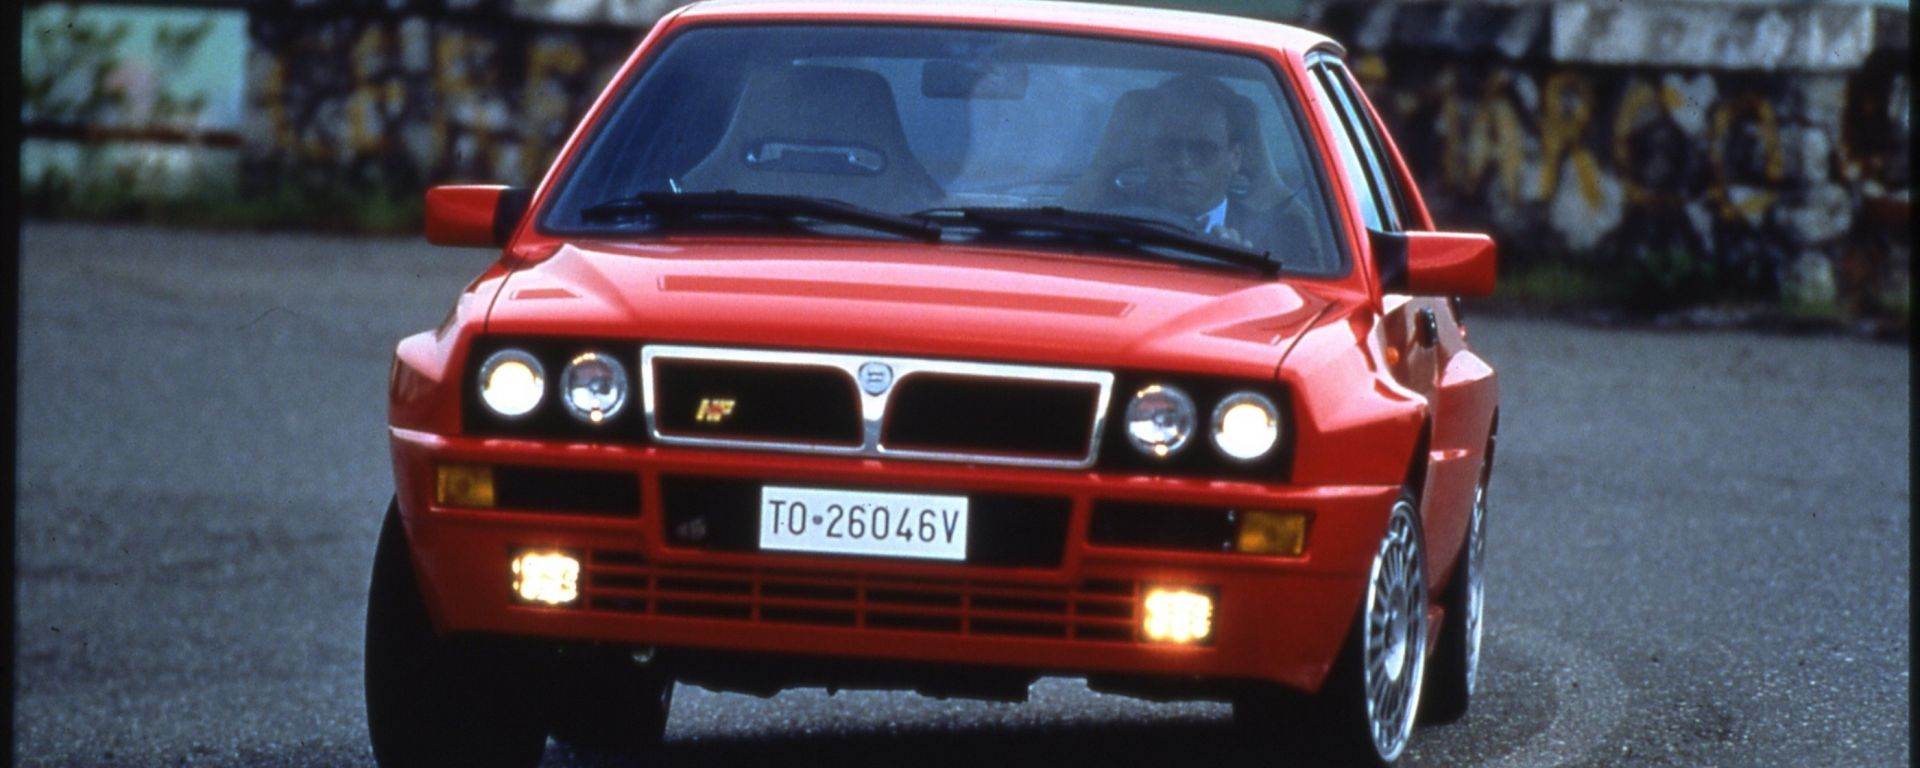 Guidare la Lancia Delta HF Integrale